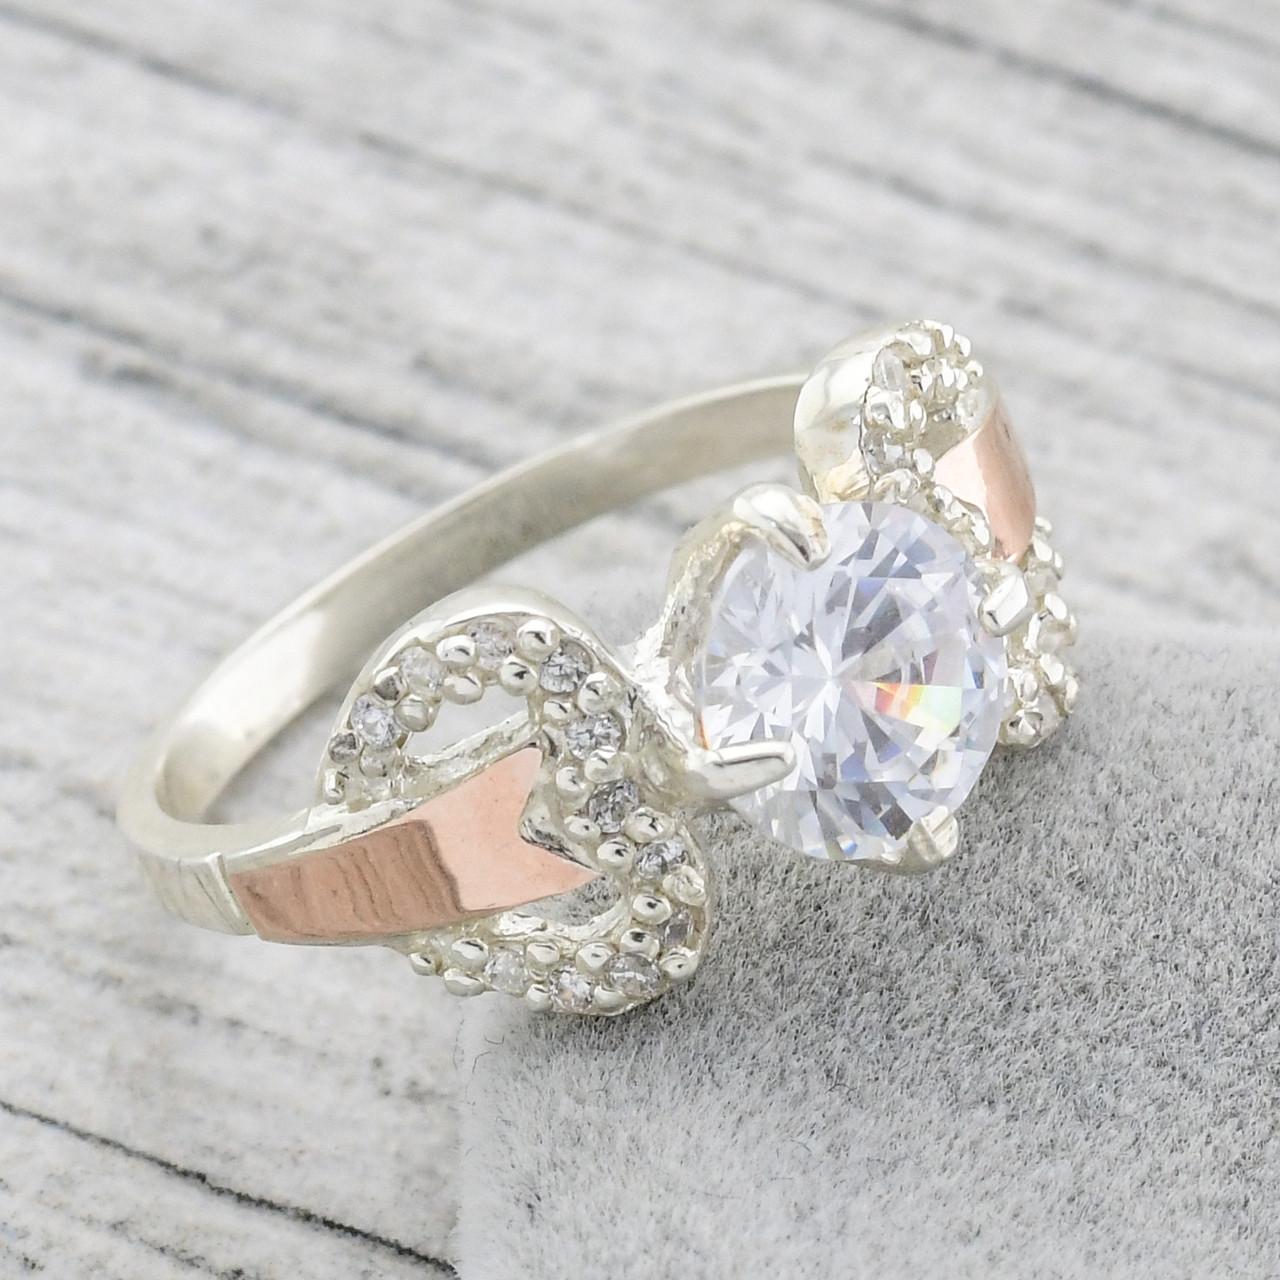 """Серебряное кольцо с золотыми пластинами """"Риччи"""", вставка белые фианиты, вес 4.1 г, размер 18"""